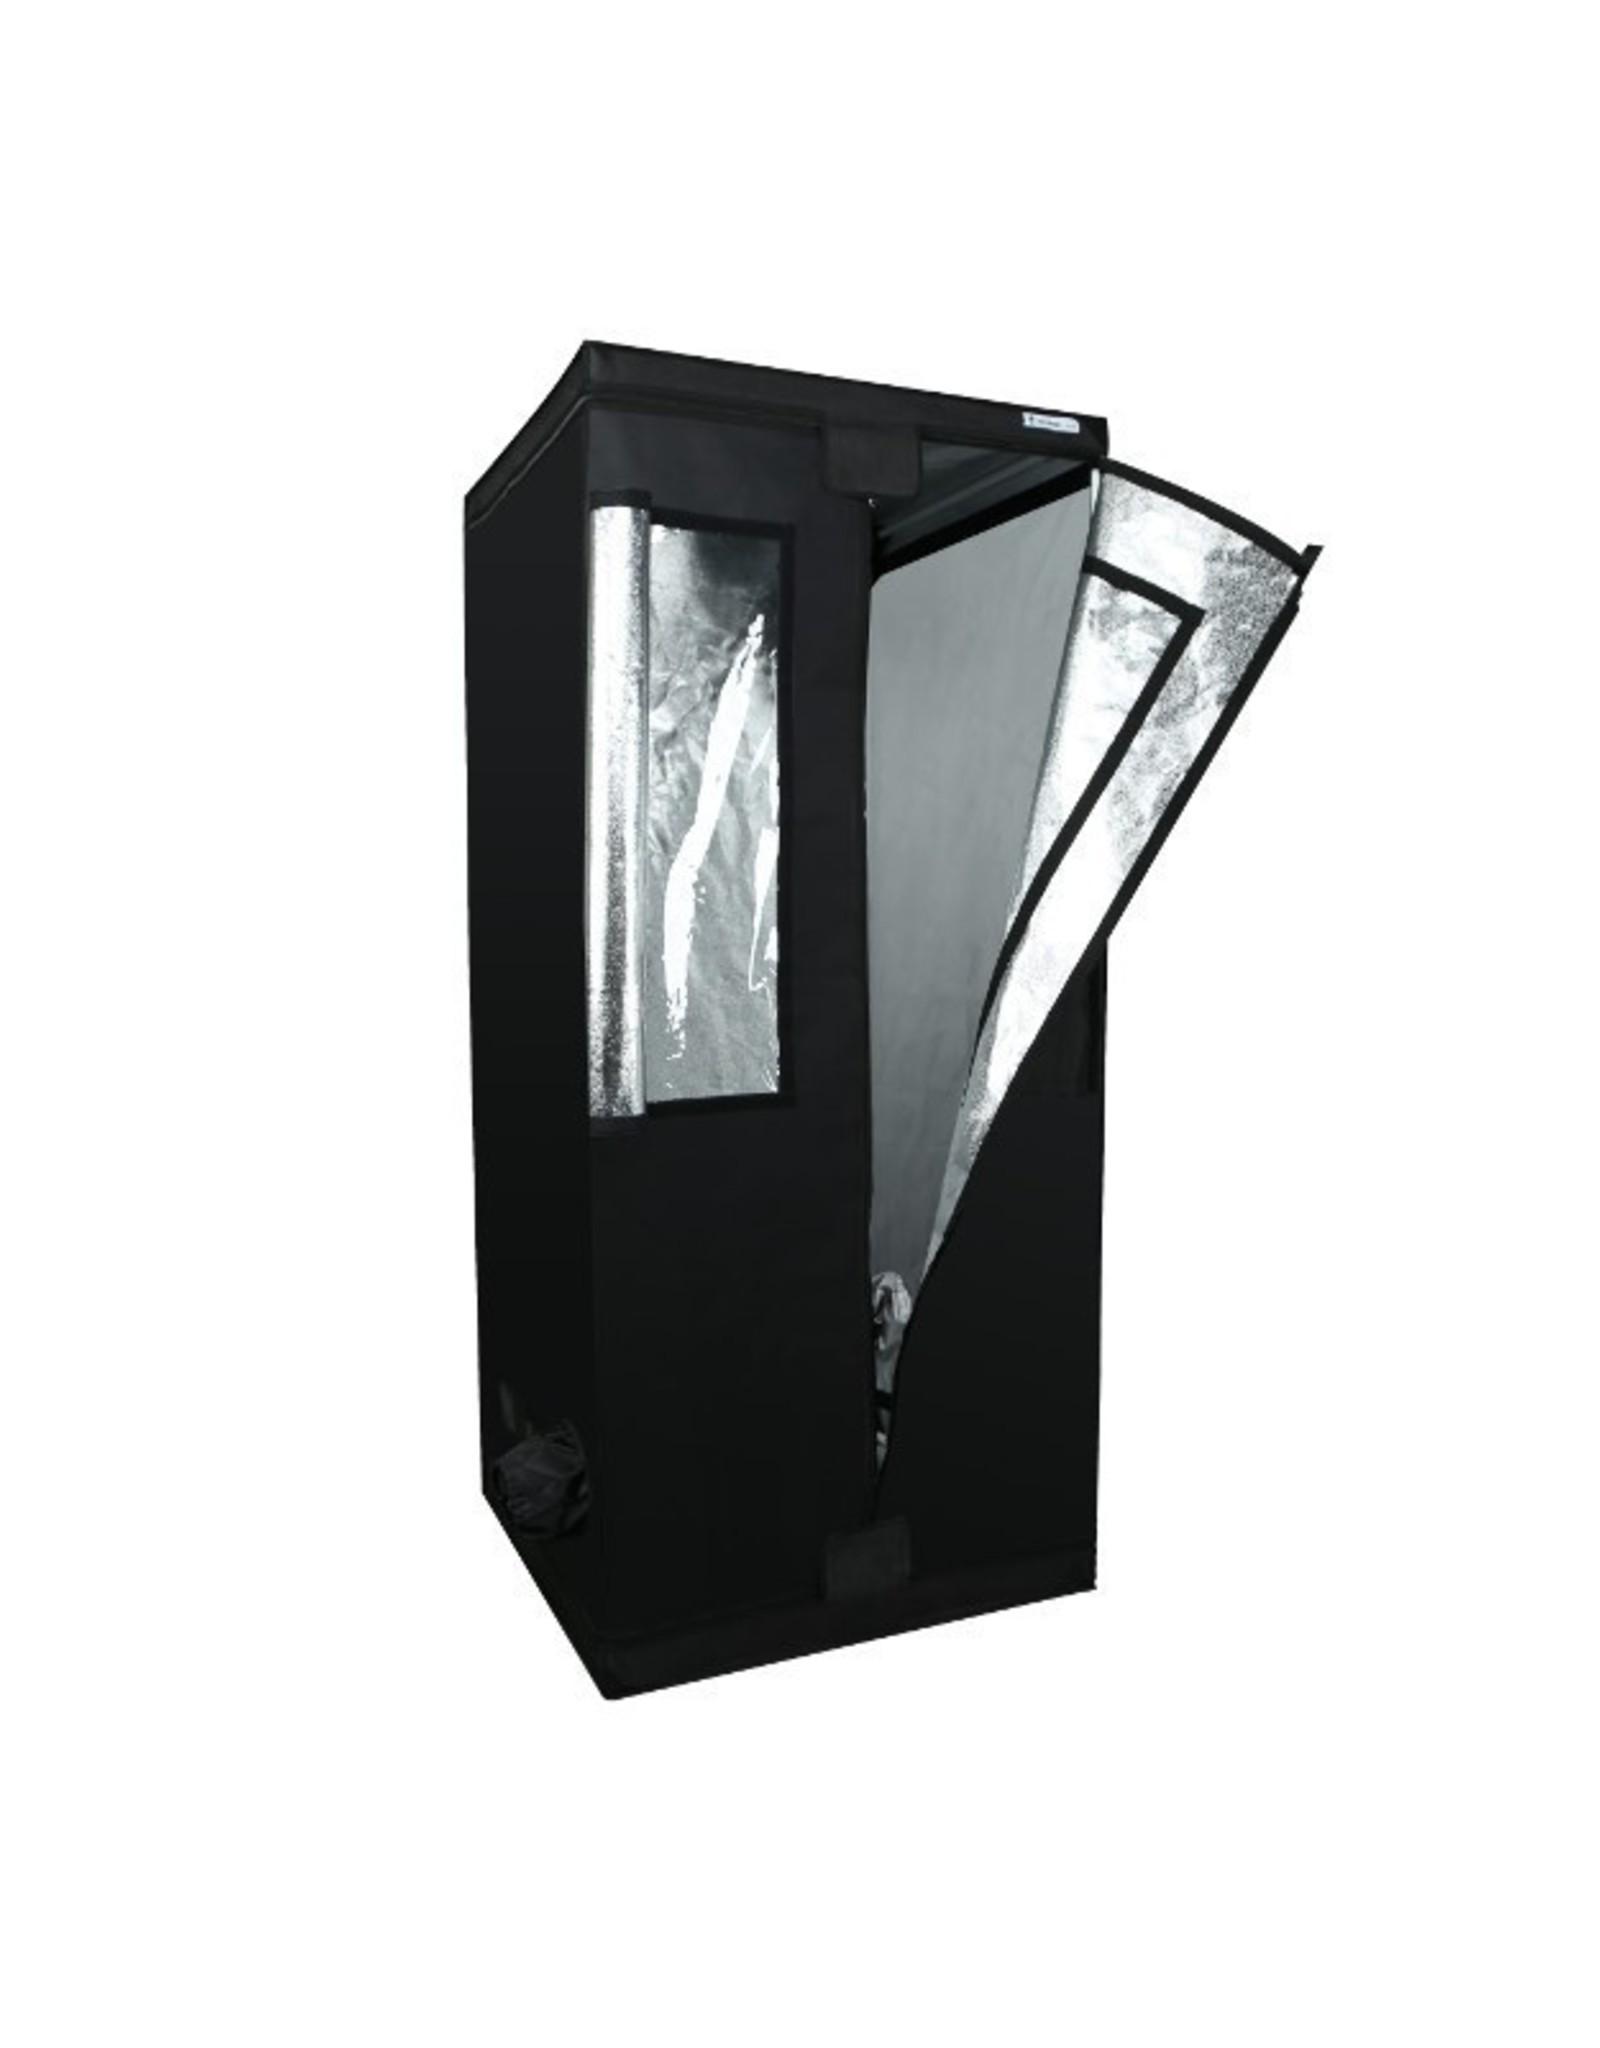 Homebox Homebox Homelab 60 60x60x160cm